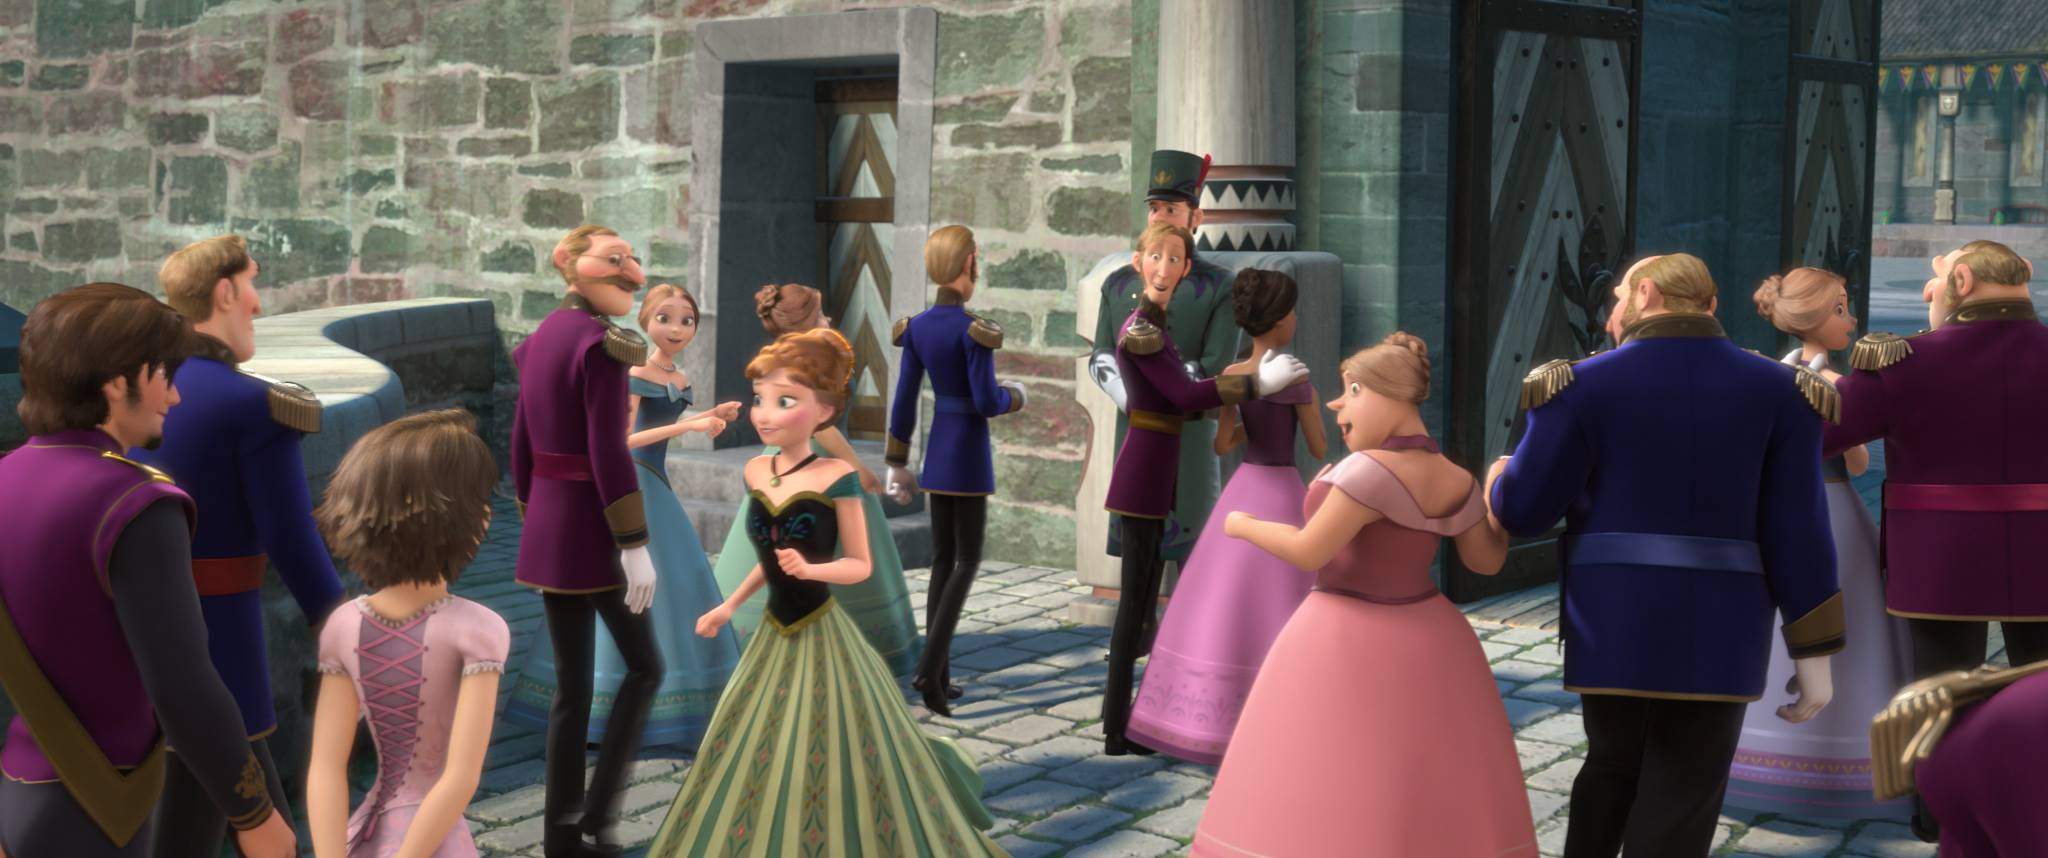 Rapunzelflynn_Frozen.jpg